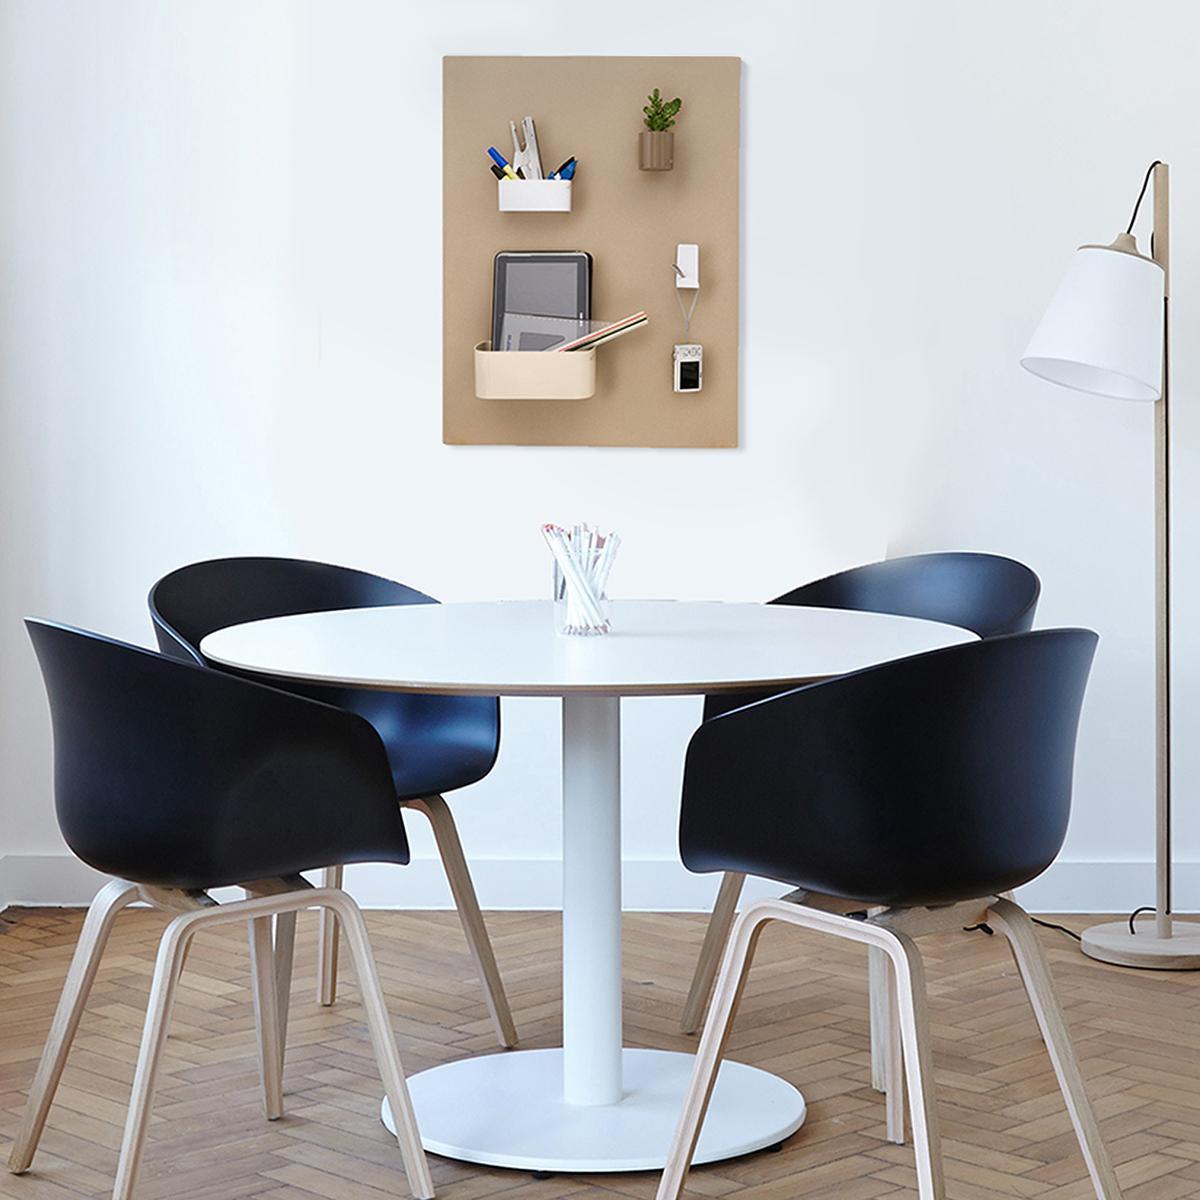 kalamitica magnettafel metall in anthrazit beschreibbar 14 x 70 cm f r magnetische. Black Bedroom Furniture Sets. Home Design Ideas